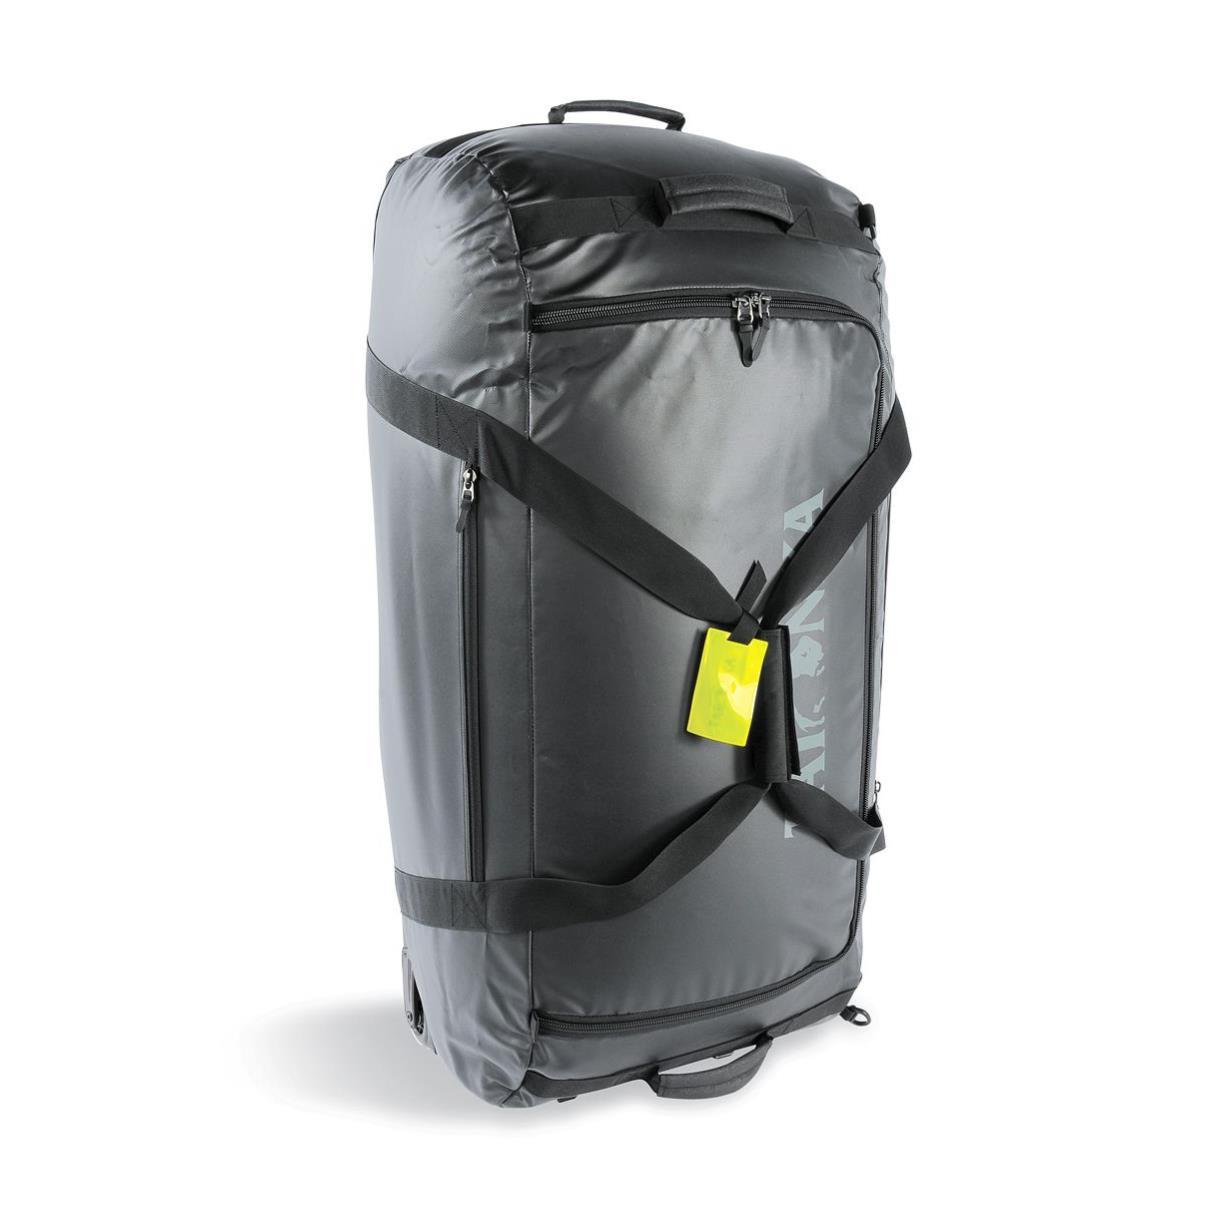 Reisetasche mit Rollen 10000310247 bei Fahrradrucksack-24